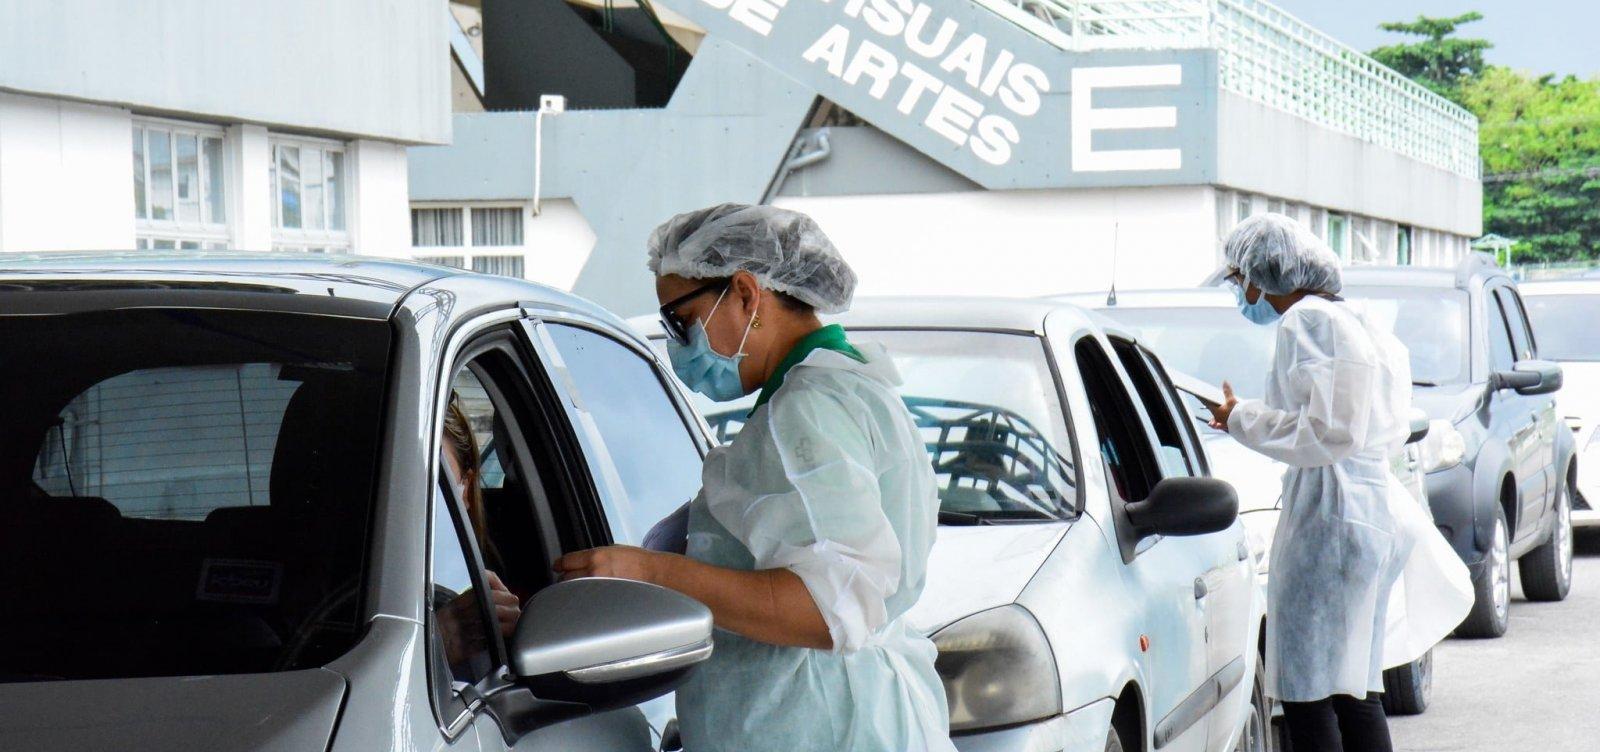 Covid-19: prefeitura de Salvador prevê imunização de 30 mil idosos até domingo